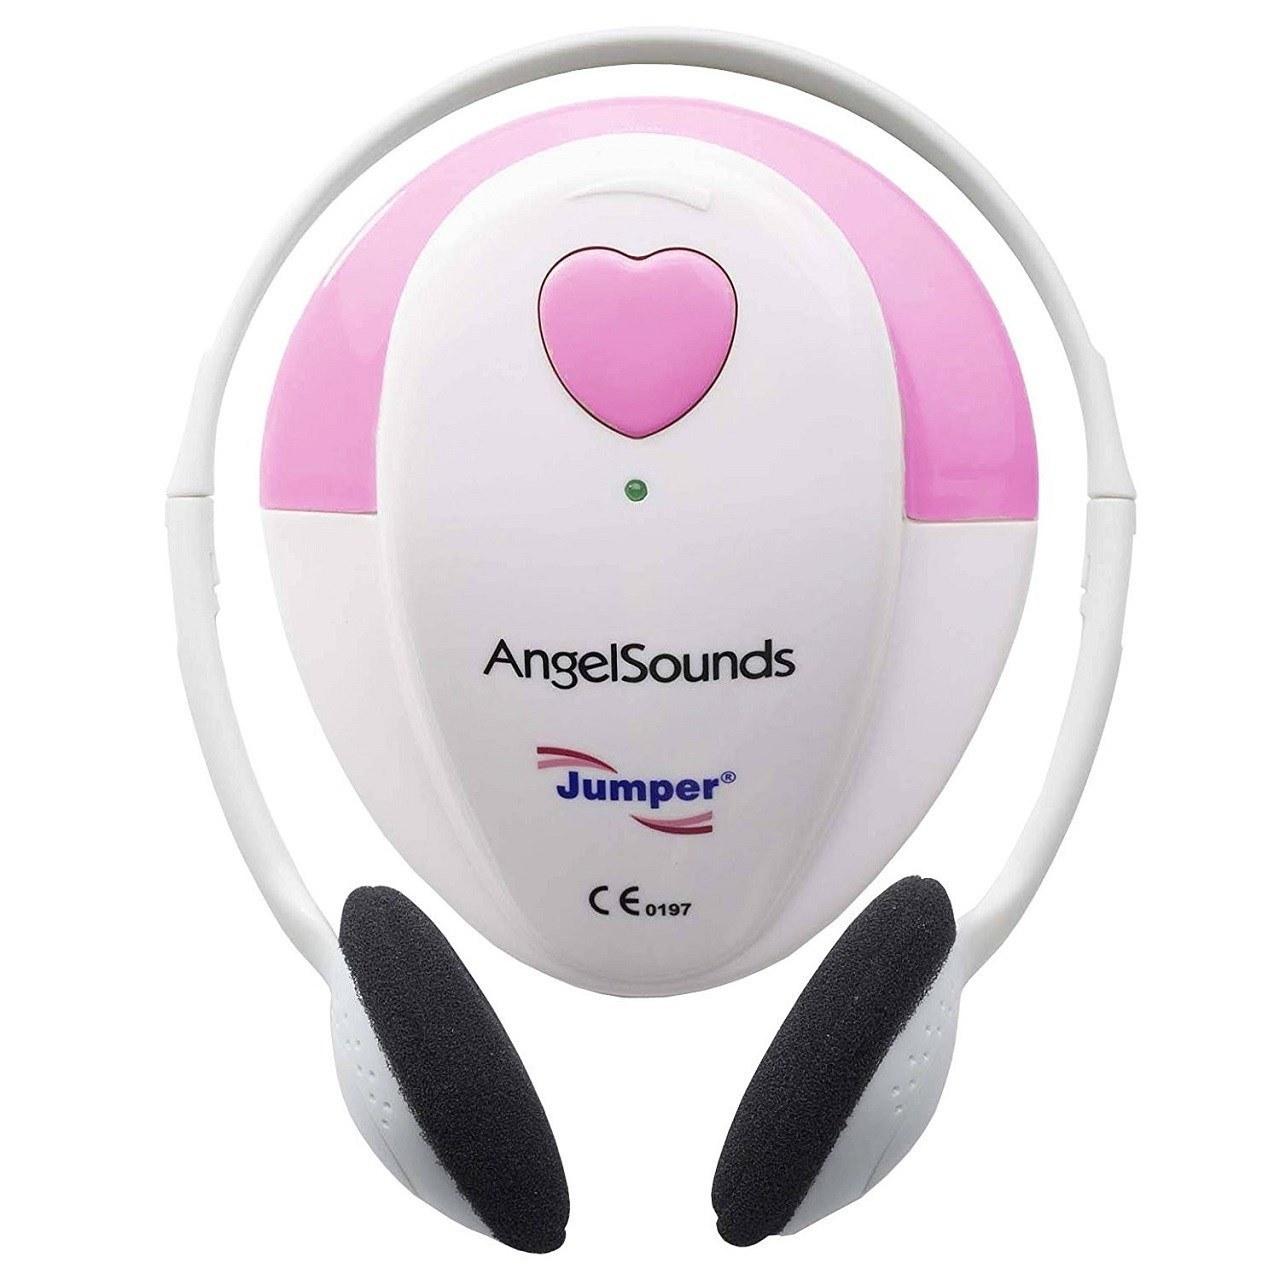 عکس دستگاه شنود و ضبط صدای قلب جنین جامپر مدل ZM 100S                             Jumper ZM 100S Fetal Doppler  دستگاه-شنود-و-ضبط-صدای-قلب-جنین-جامپر-مدل-zm-100s-jumper-zm-100s-fetal-doppler